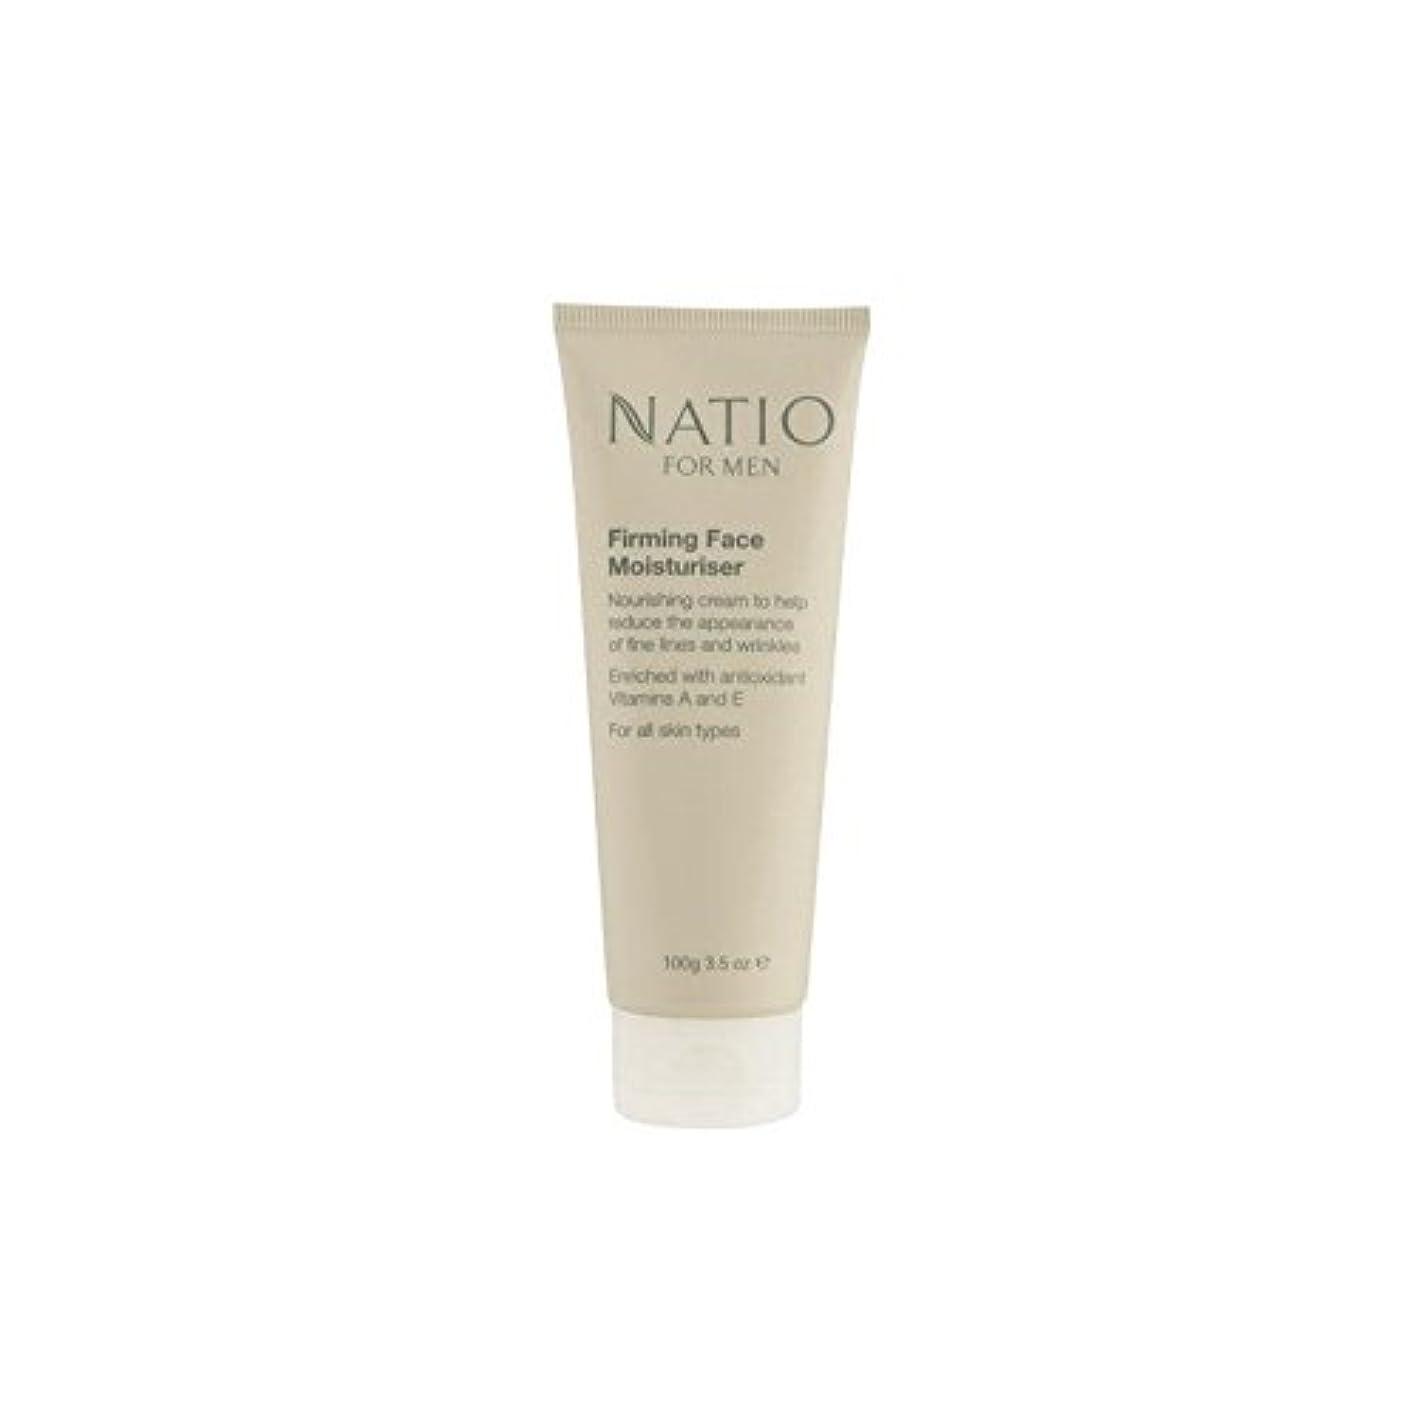 繰り返したミュウミュウ打撃Natio For Men Firming Face Moisturiser (100G) (Pack of 6) - 顔の保湿剤を引き締め男性のための(100グラム) x6 [並行輸入品]